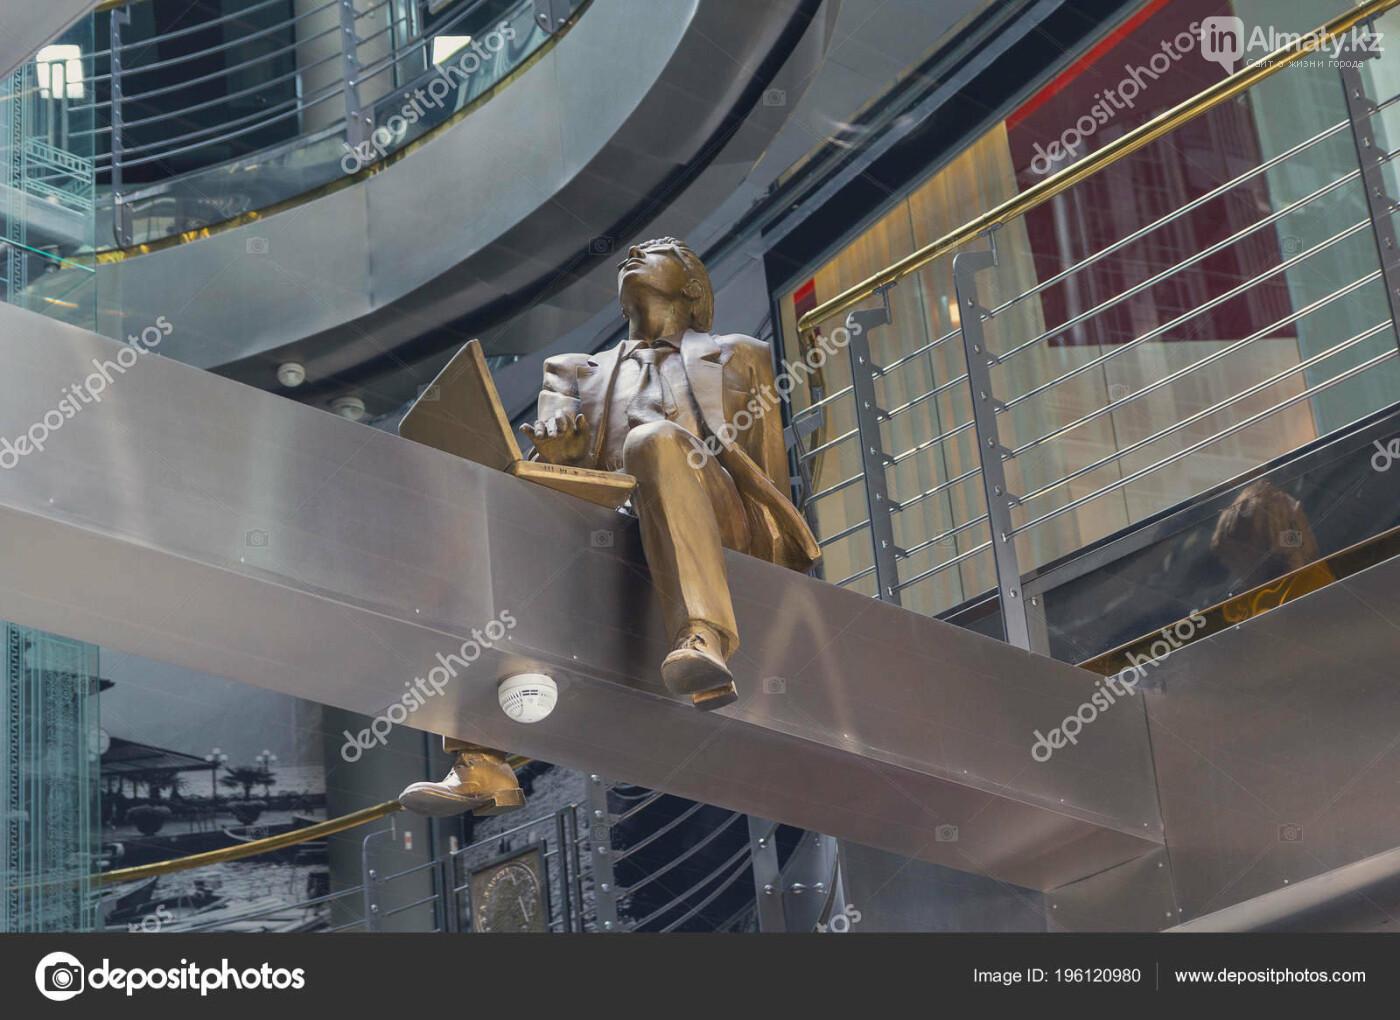 У скульптуры человека с ноутбуком на ул. Утеген батыра украли гаджет, фото-8